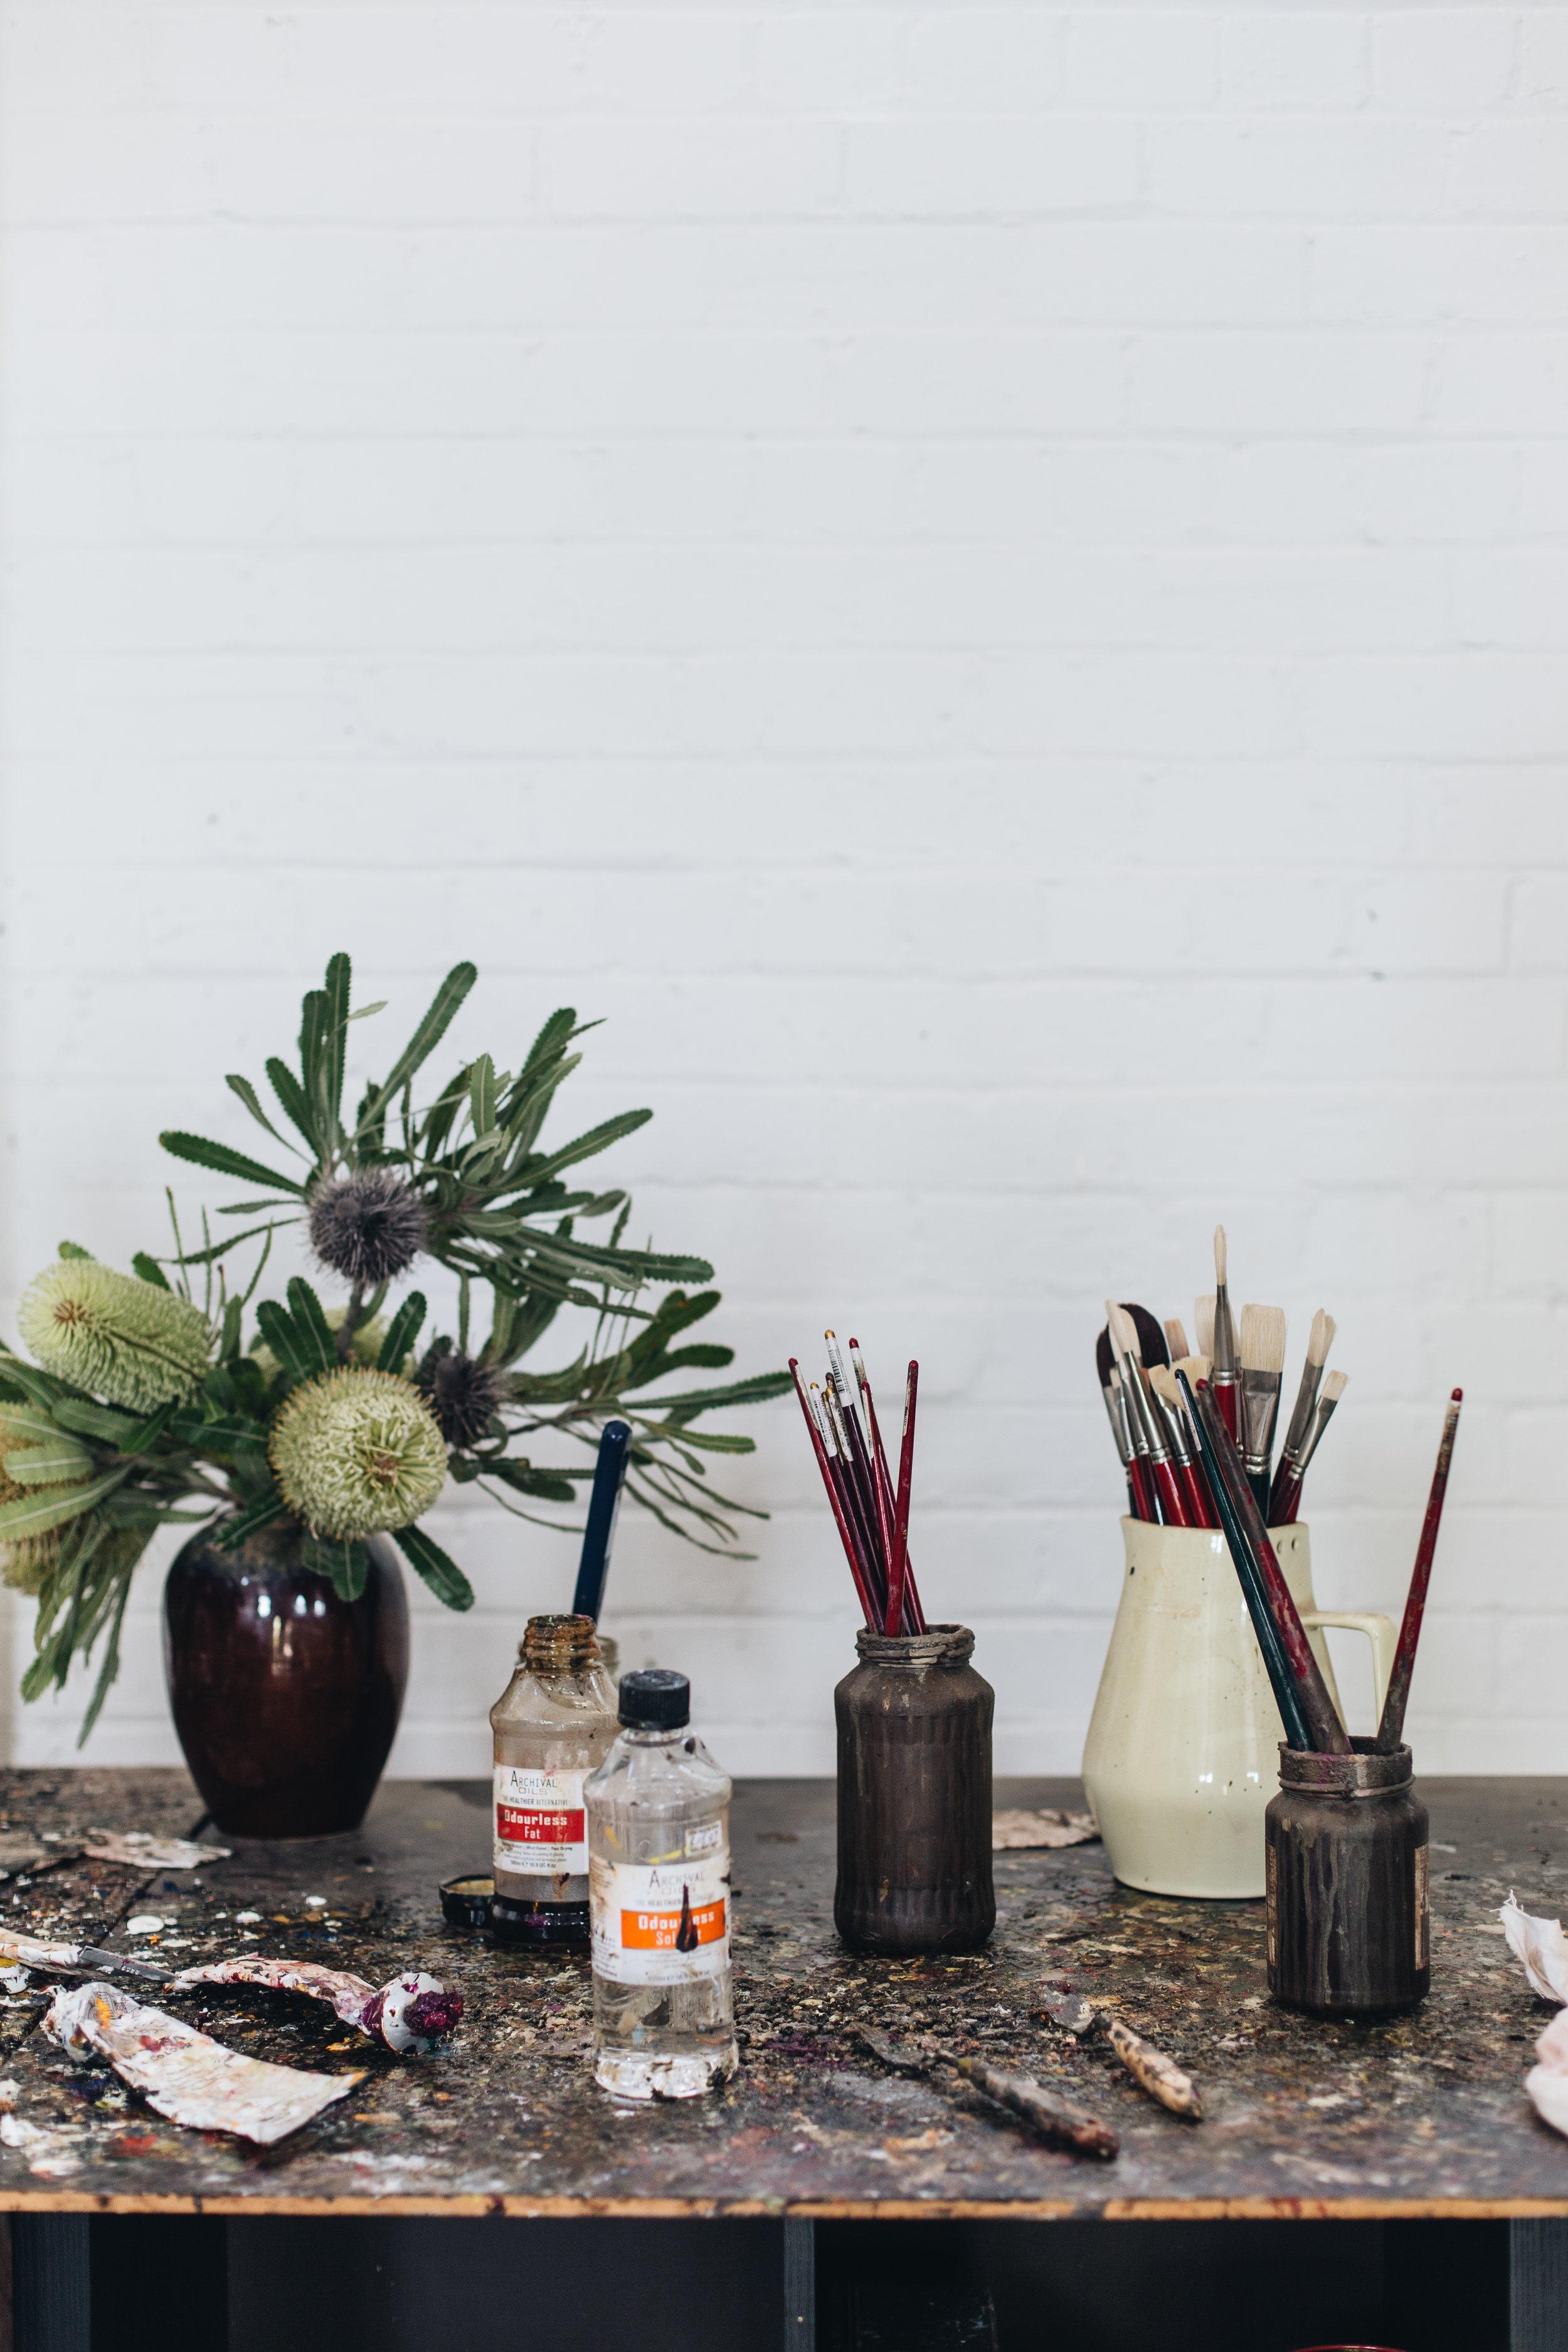 Phillip Drummond, Art & Garden